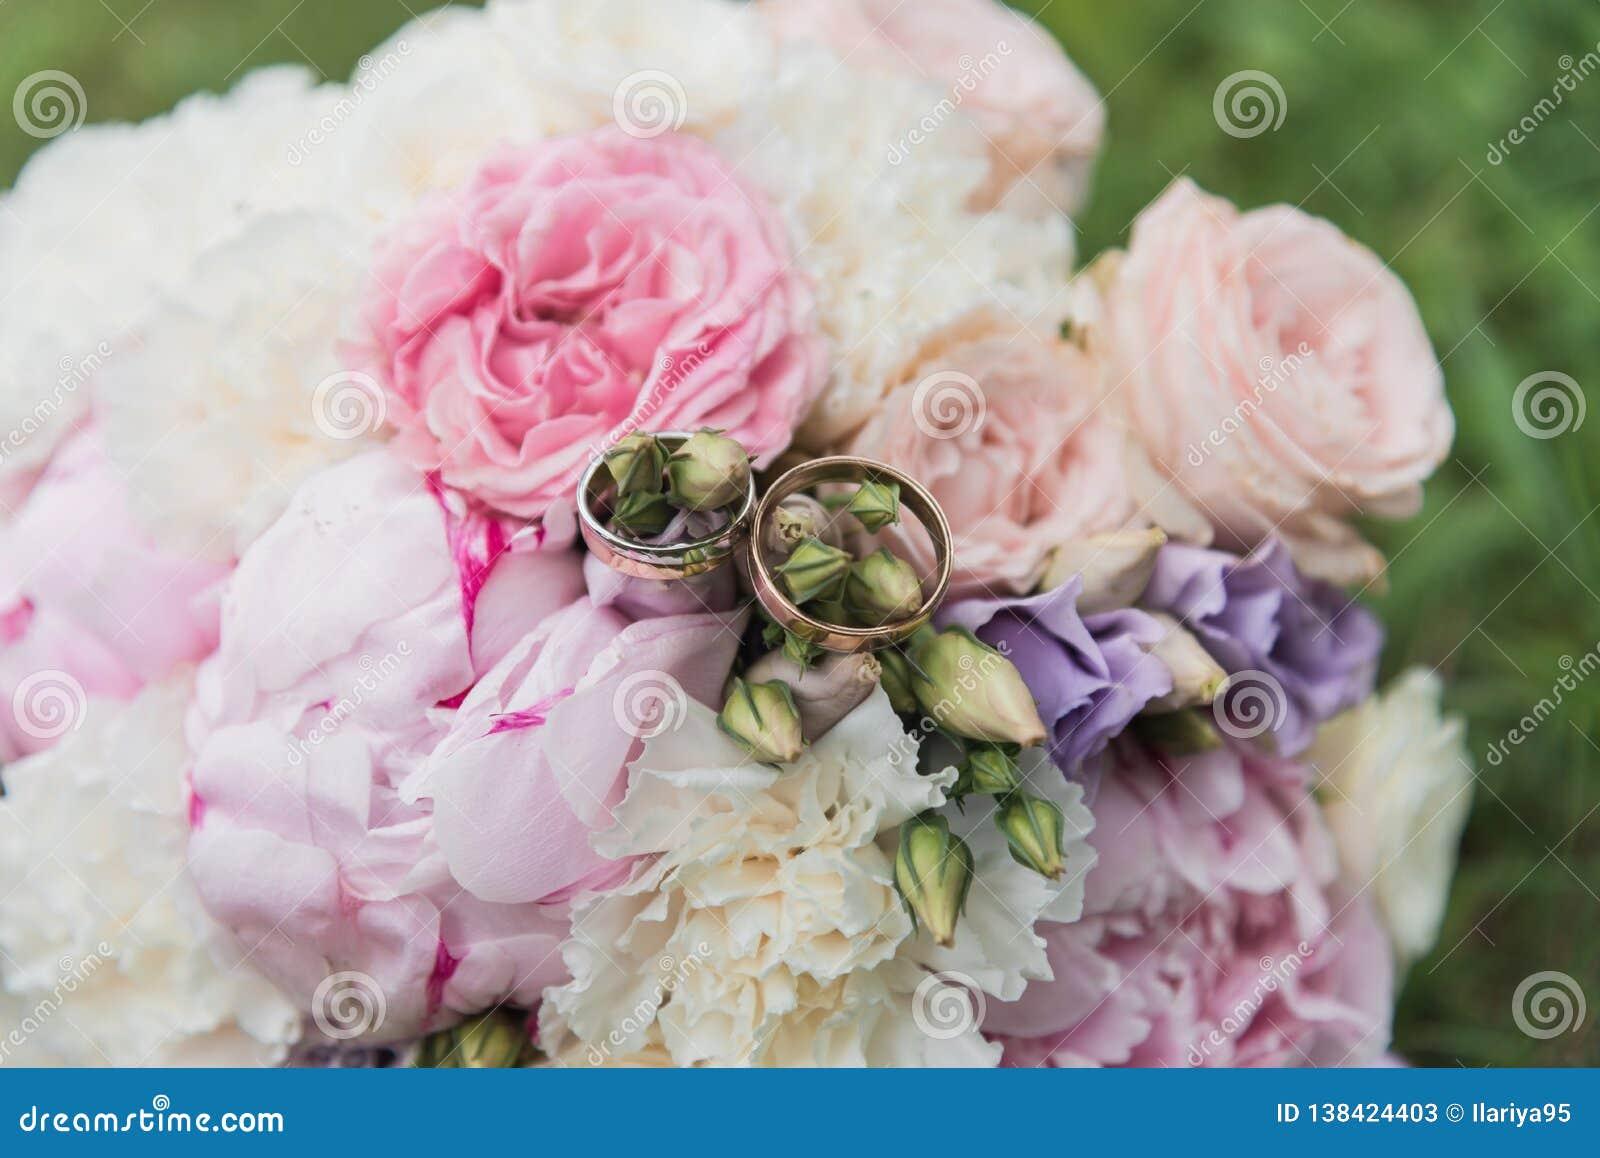 Bride&en x27; s-bukett Ringer nygifta personer En bukett av blommor med cirklar